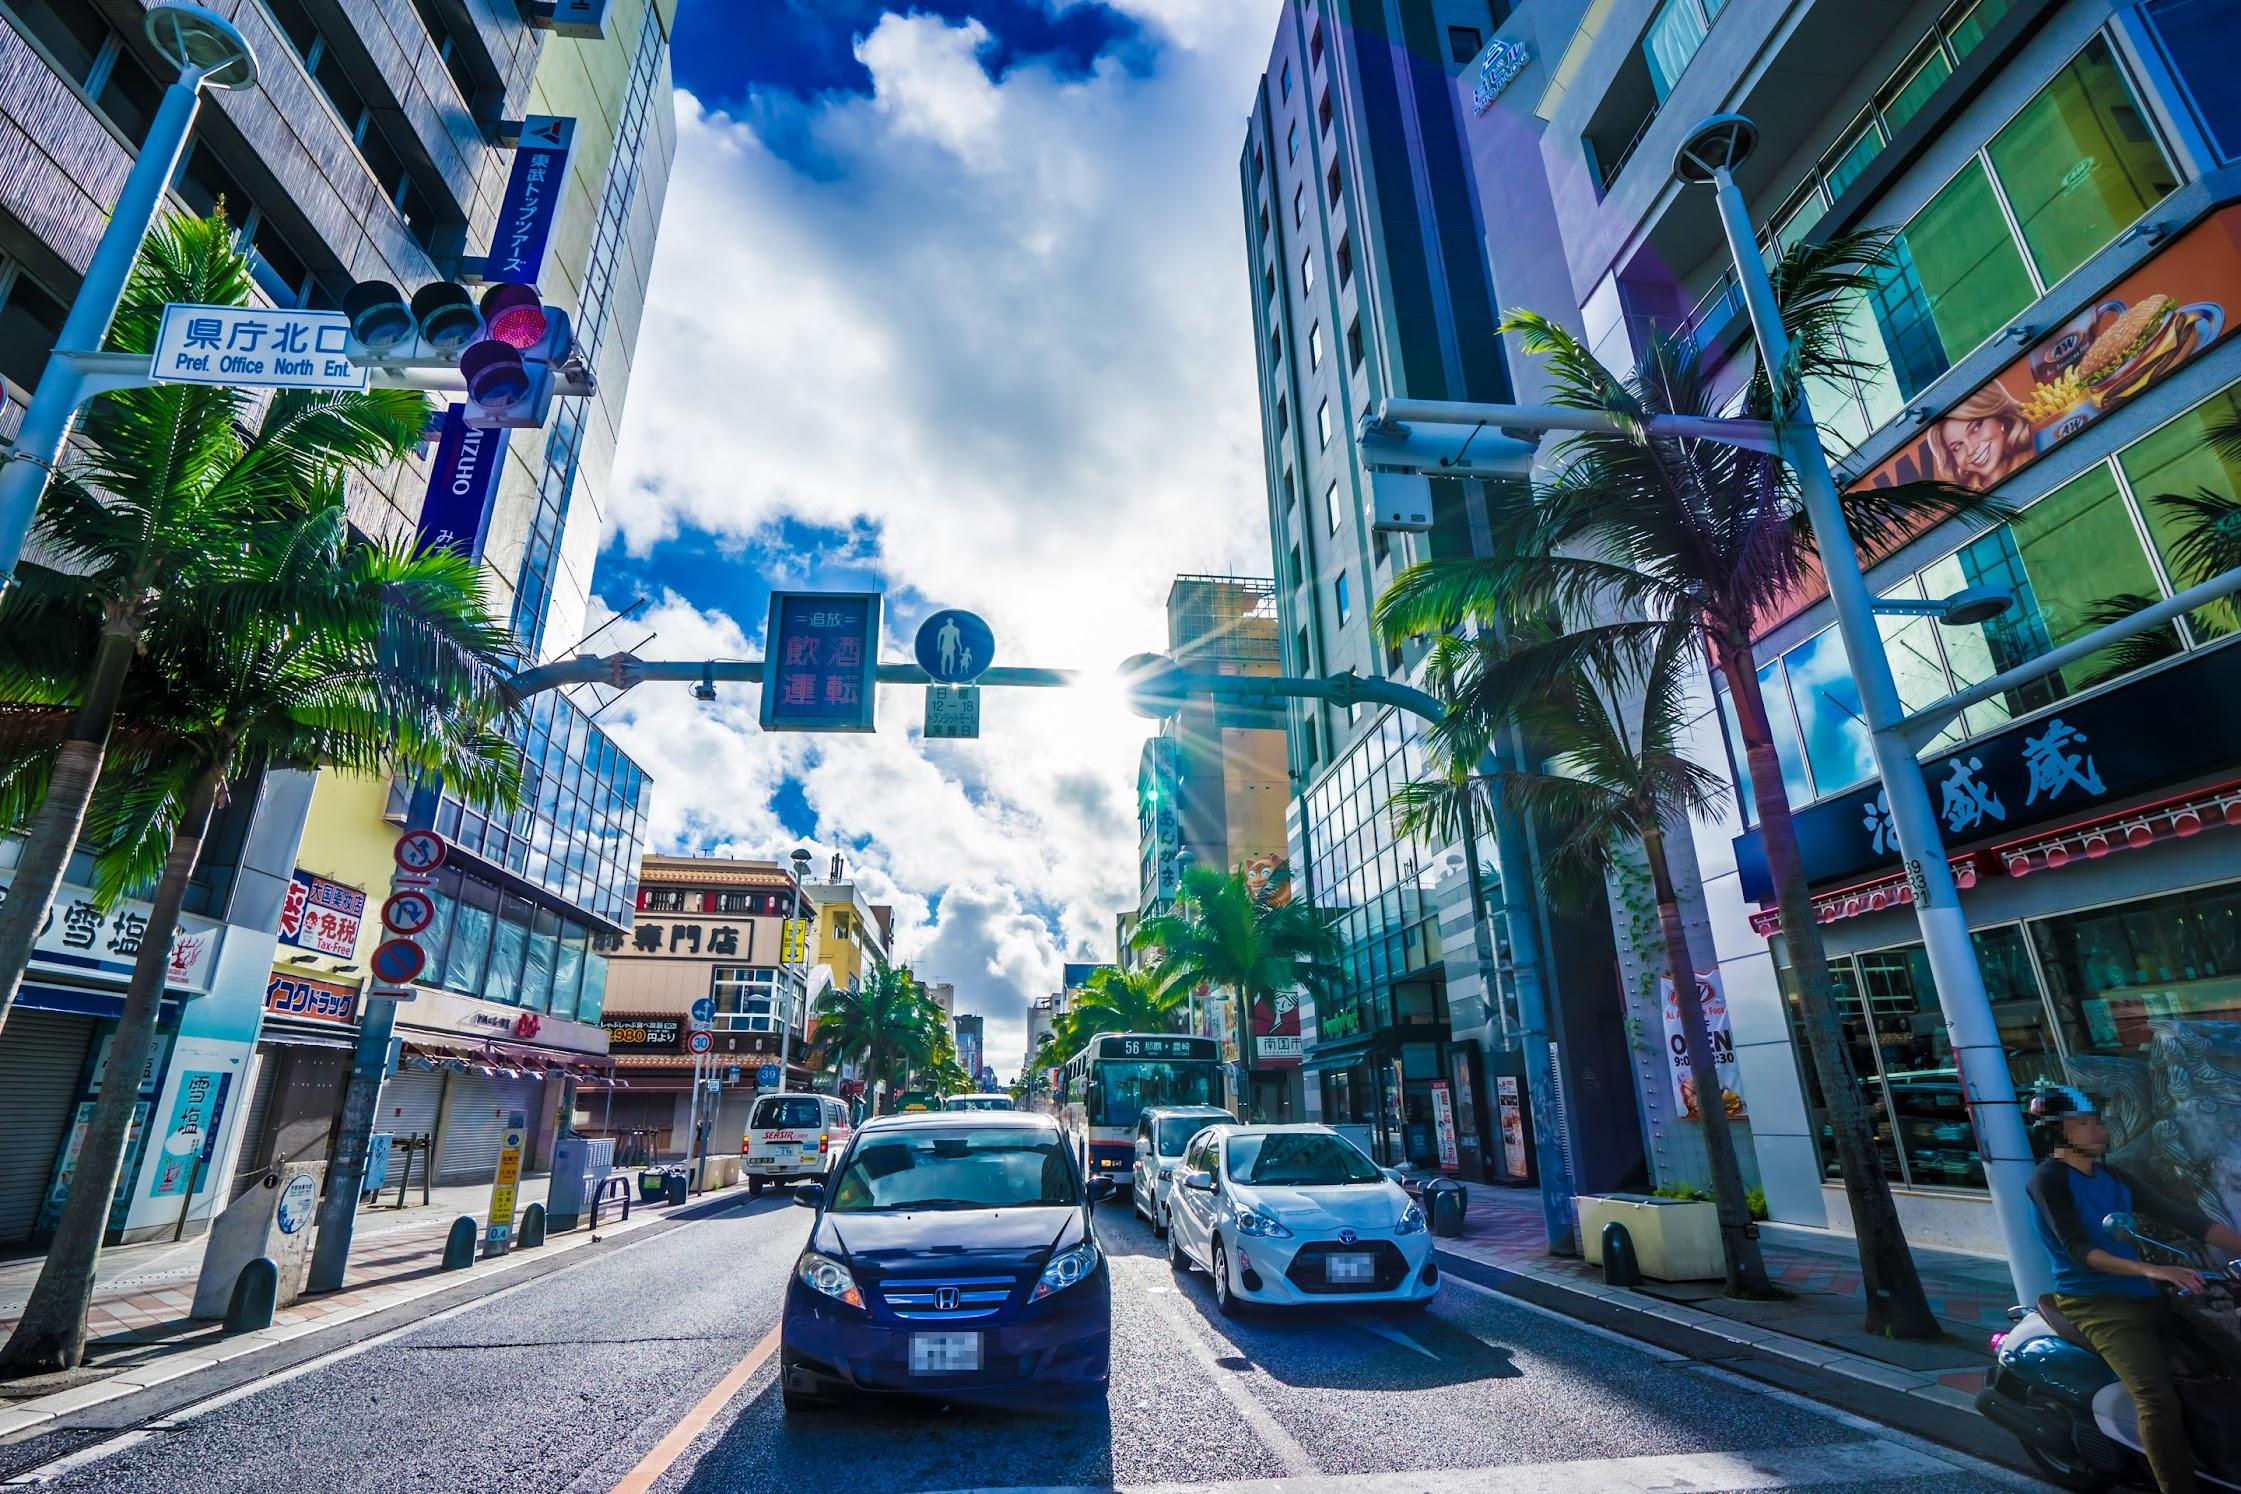 Naha Kokusai street2